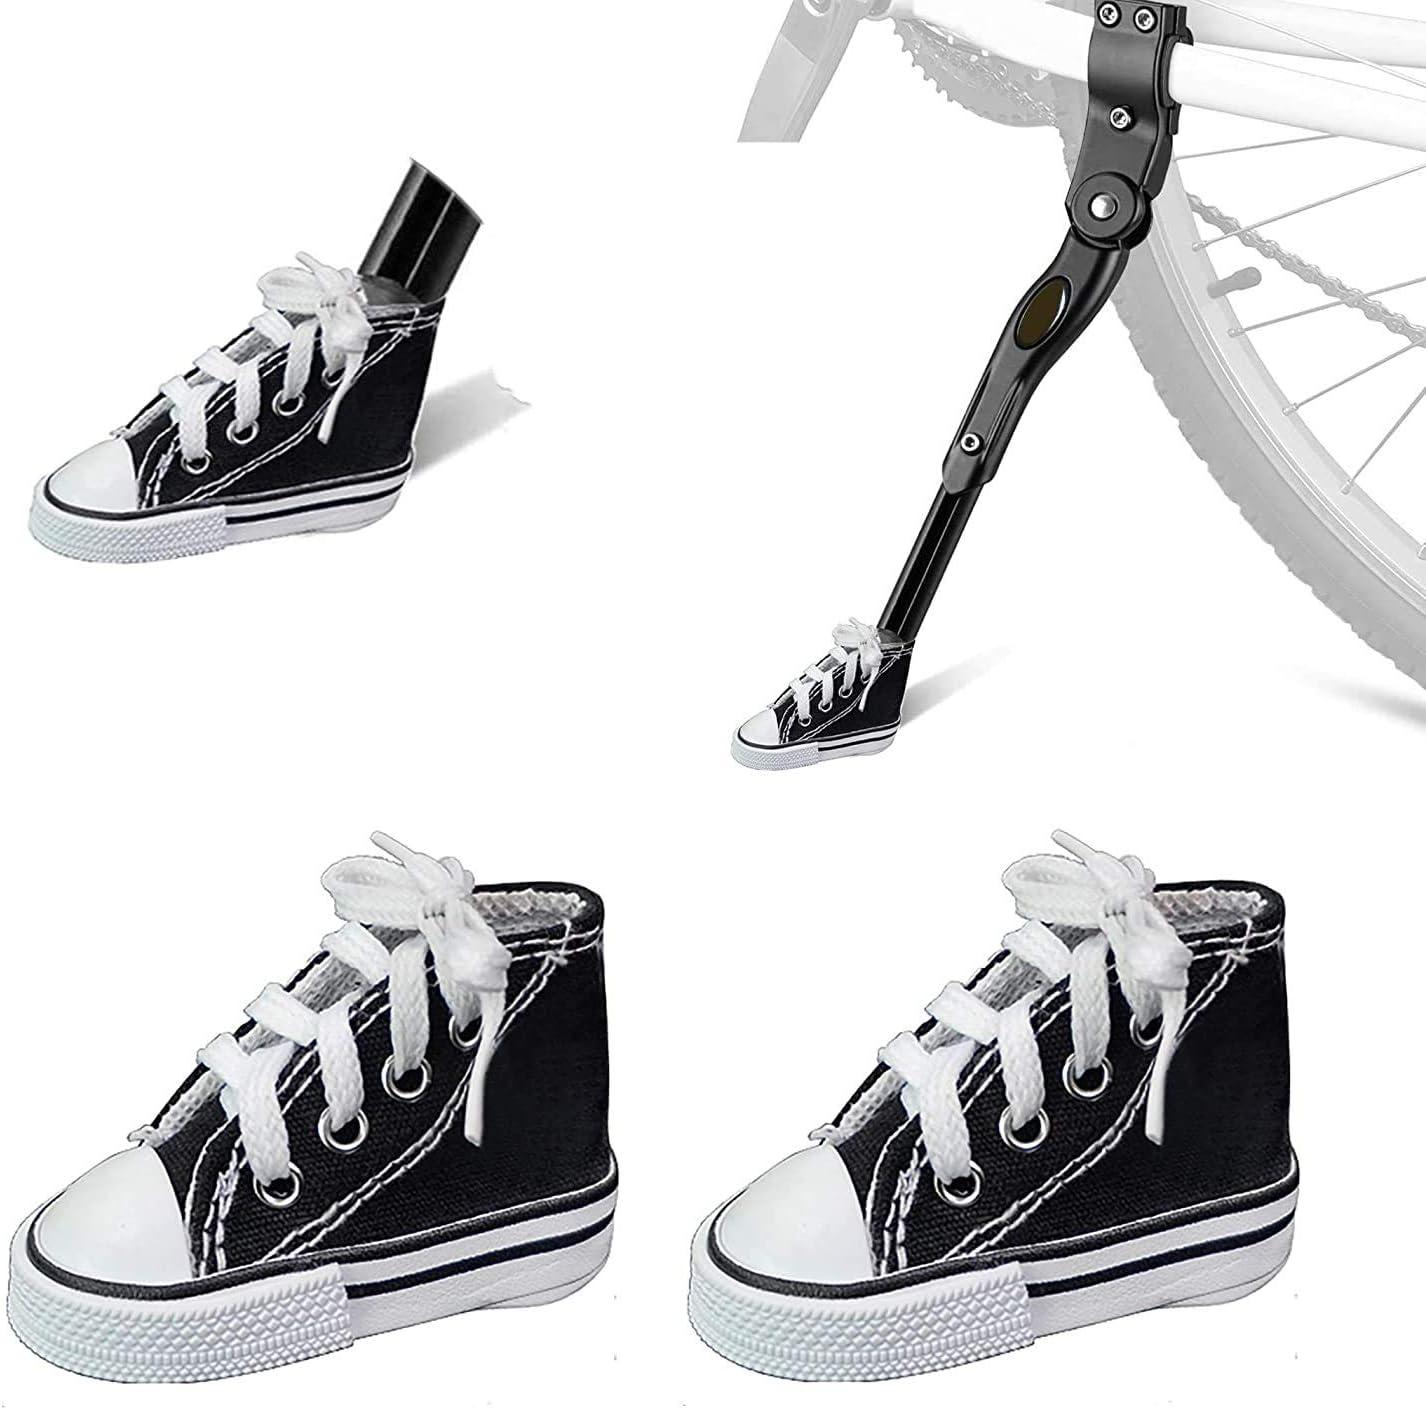 Nincee Motorrad Ständer Pad Motorrad Fahrrad Fußstütze Kleine Schuhe Hilft Ihnen Ihr Fahrrad Auf Heißem Pflaster Boden Weichem Boden Zu Parken Sport Freizeit